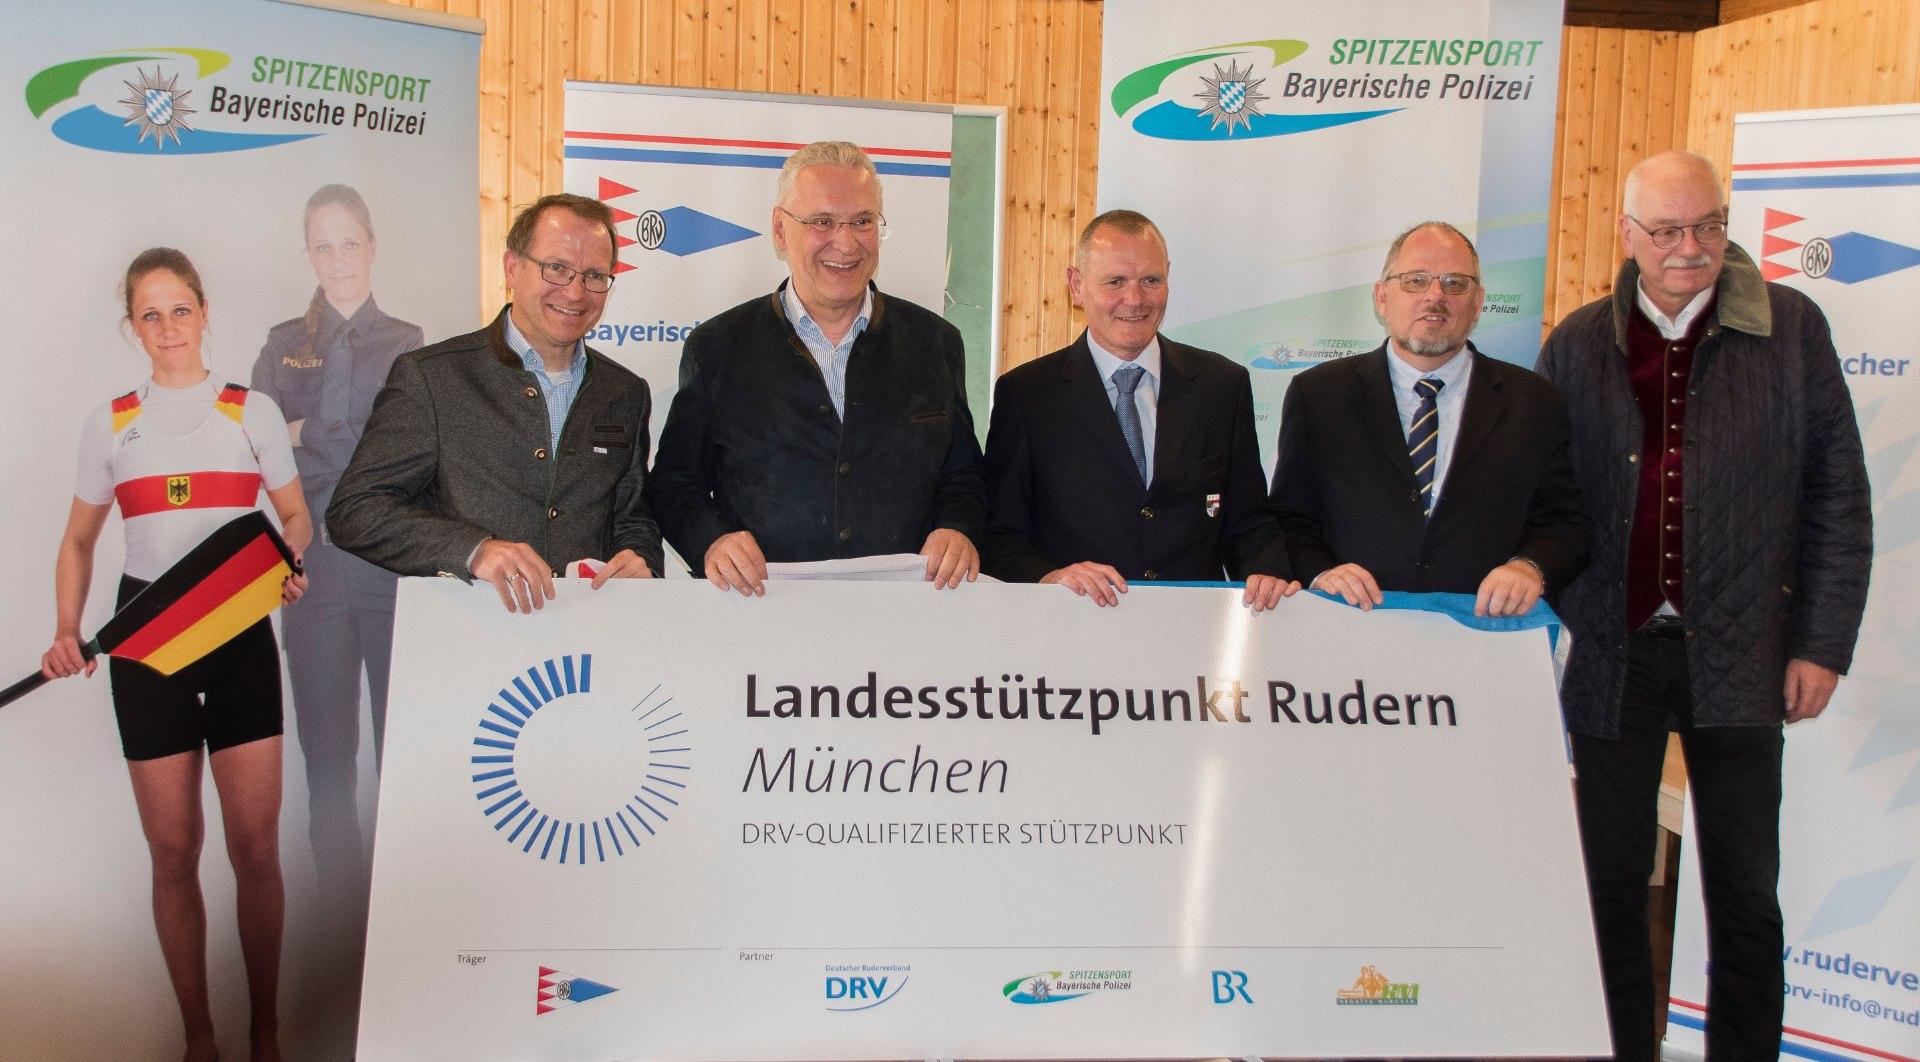 Regattaanlage München zum Qualifizierten Landesstützpunkt ernannt